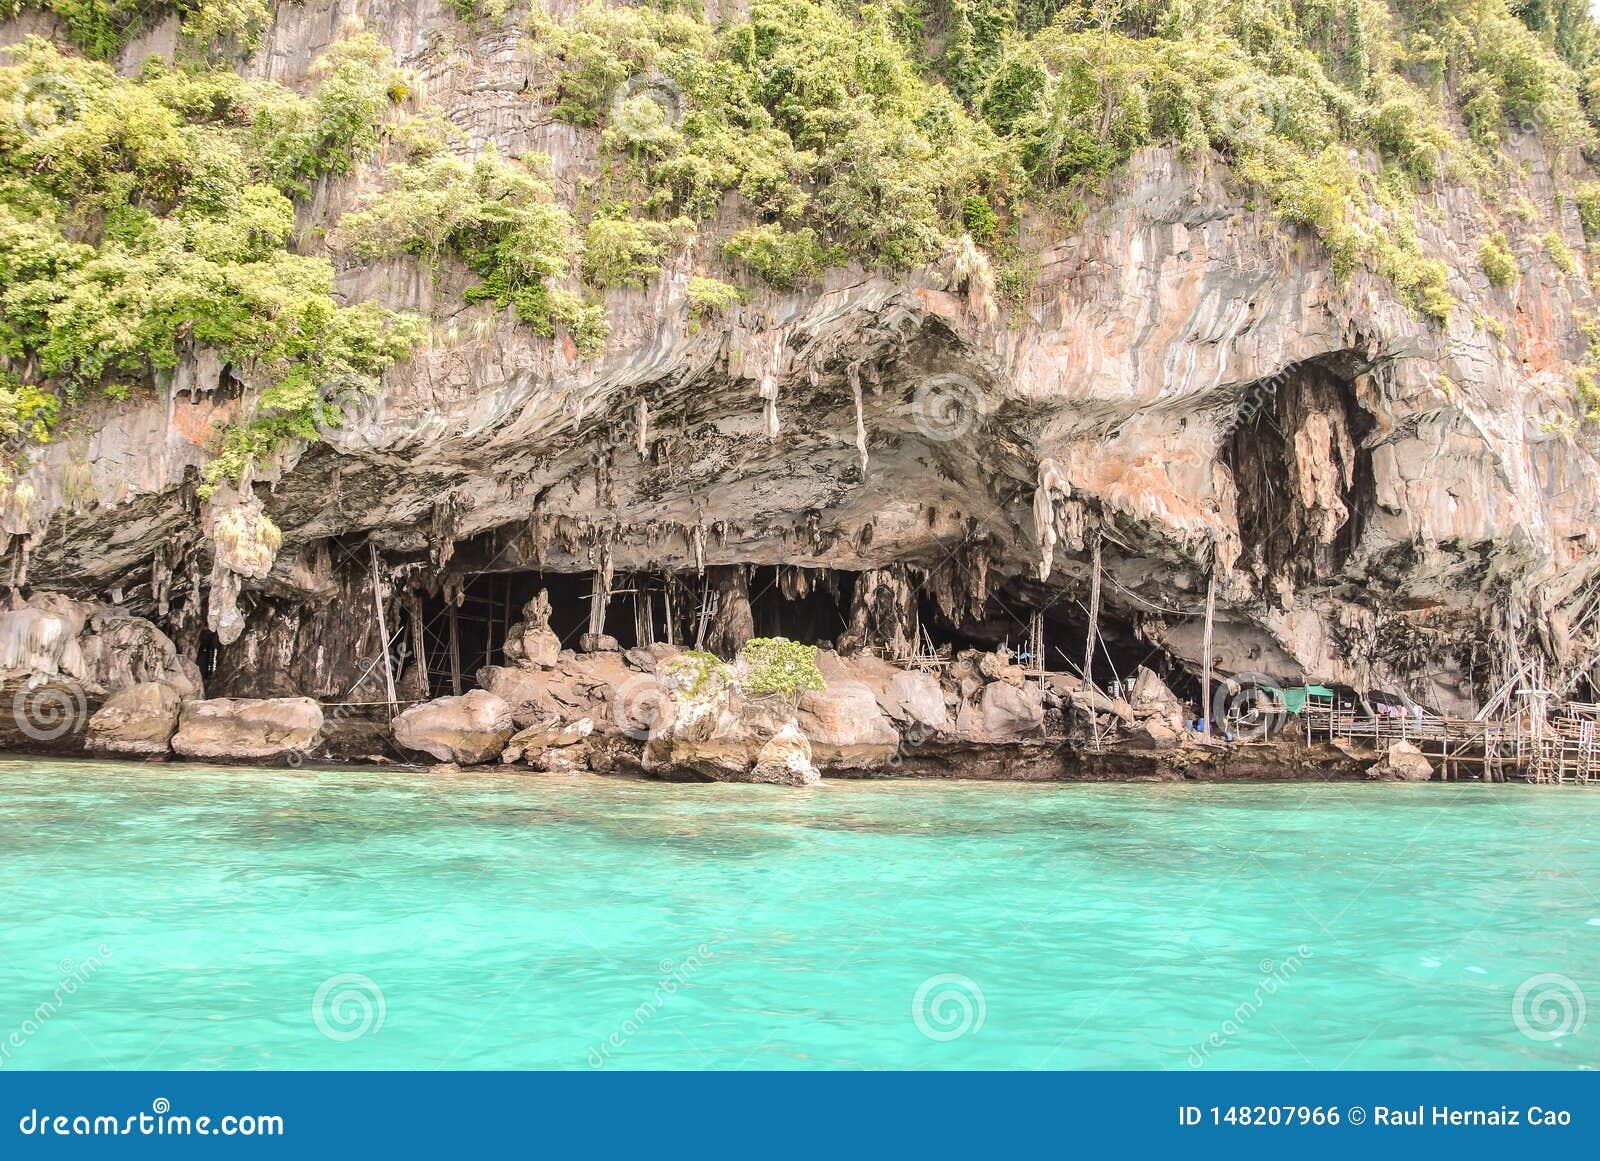 Vista agradável da caverna de Viking onde os ninhos do pássaro são recolhidos na ilha de Phi-Phi Leh em Krabi, Tailândia